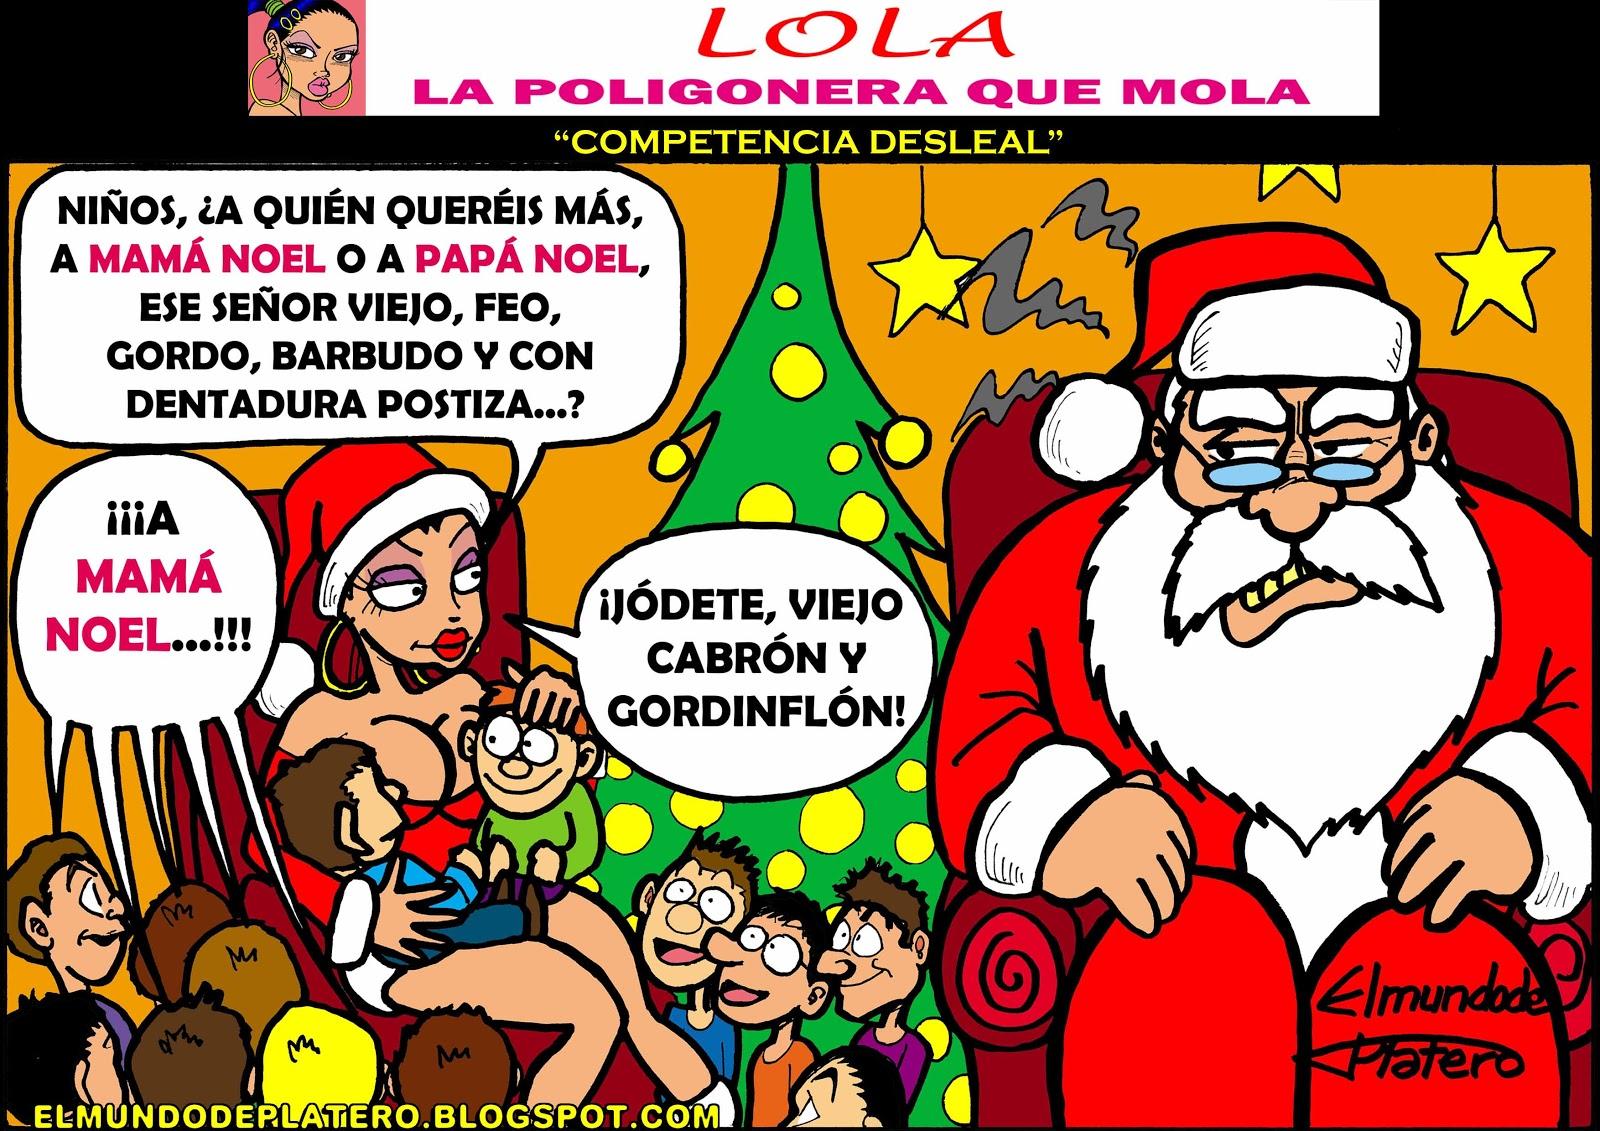 Feliz Personas Exitosas En Caricaturas: Fotos Objetos Frikis: Lola La Poligonera Que Mola_012